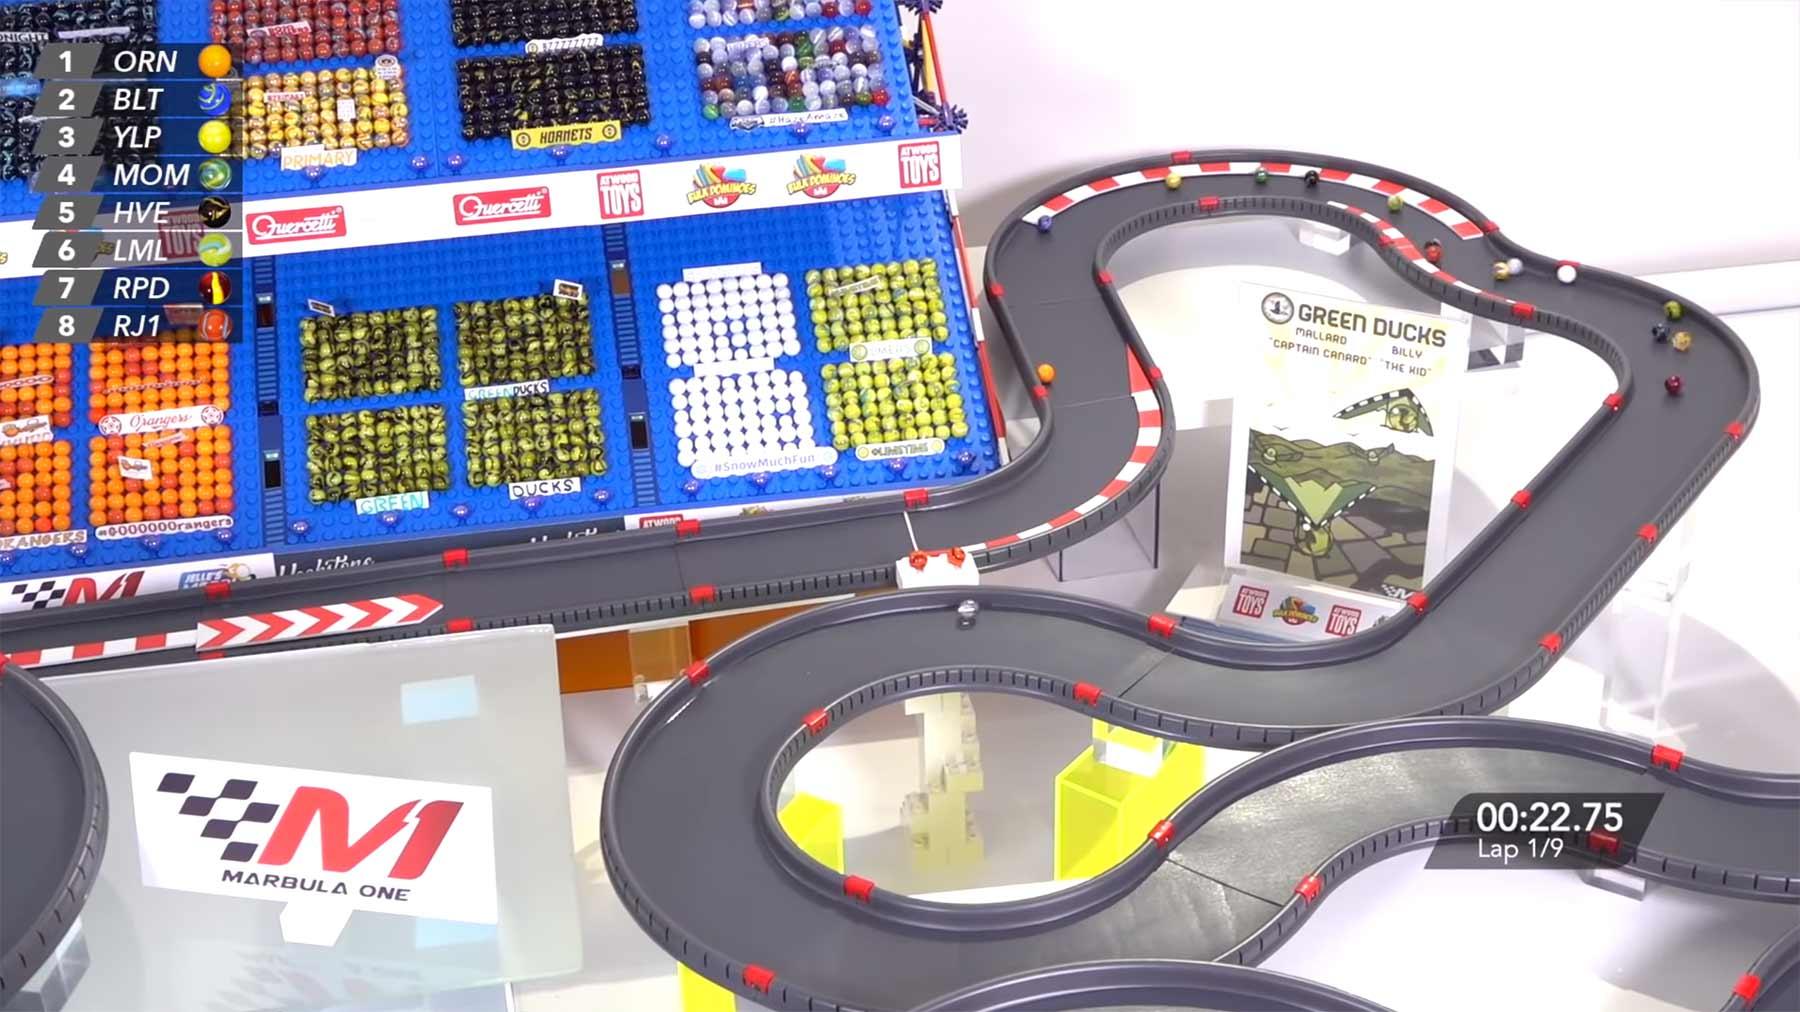 Marbula One: Formel-1-Murmelrennen